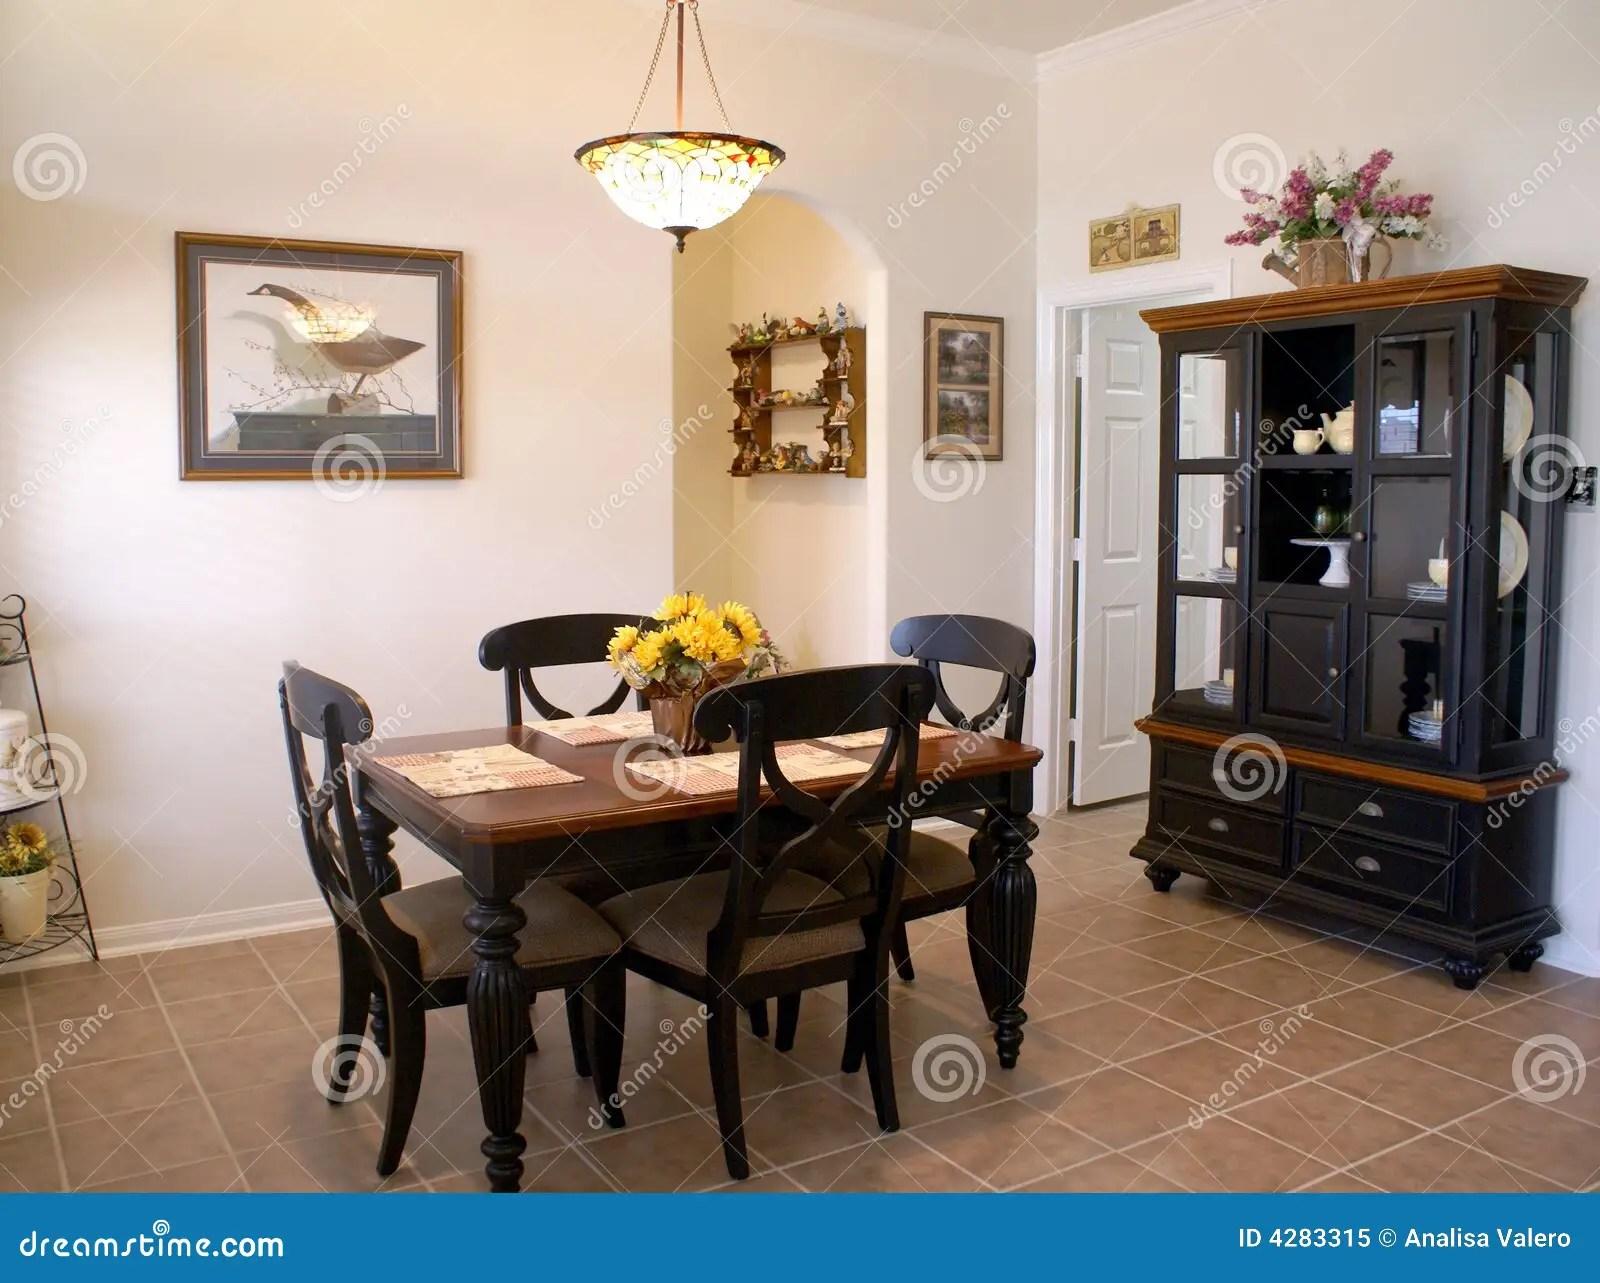 Bachelor pad interior design - Bachelor house ...